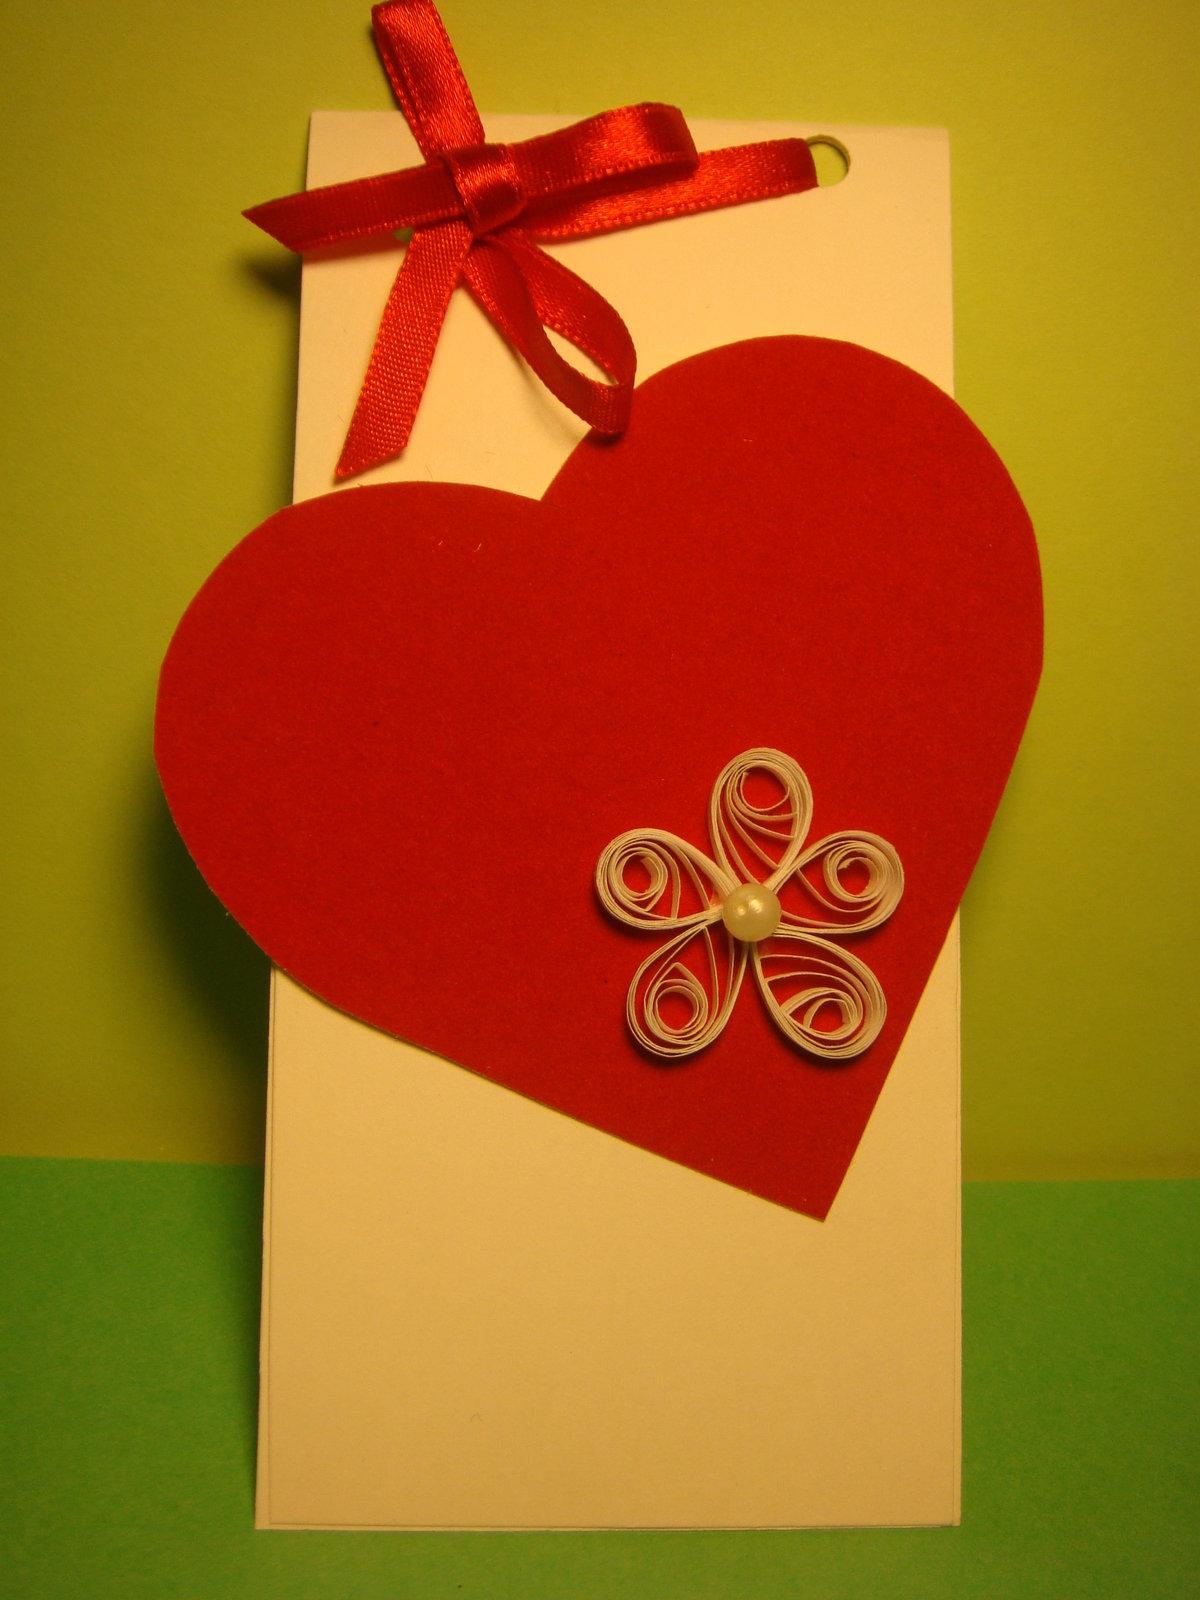 Открытки своими руками сделать на день влюбленных, открыток своими